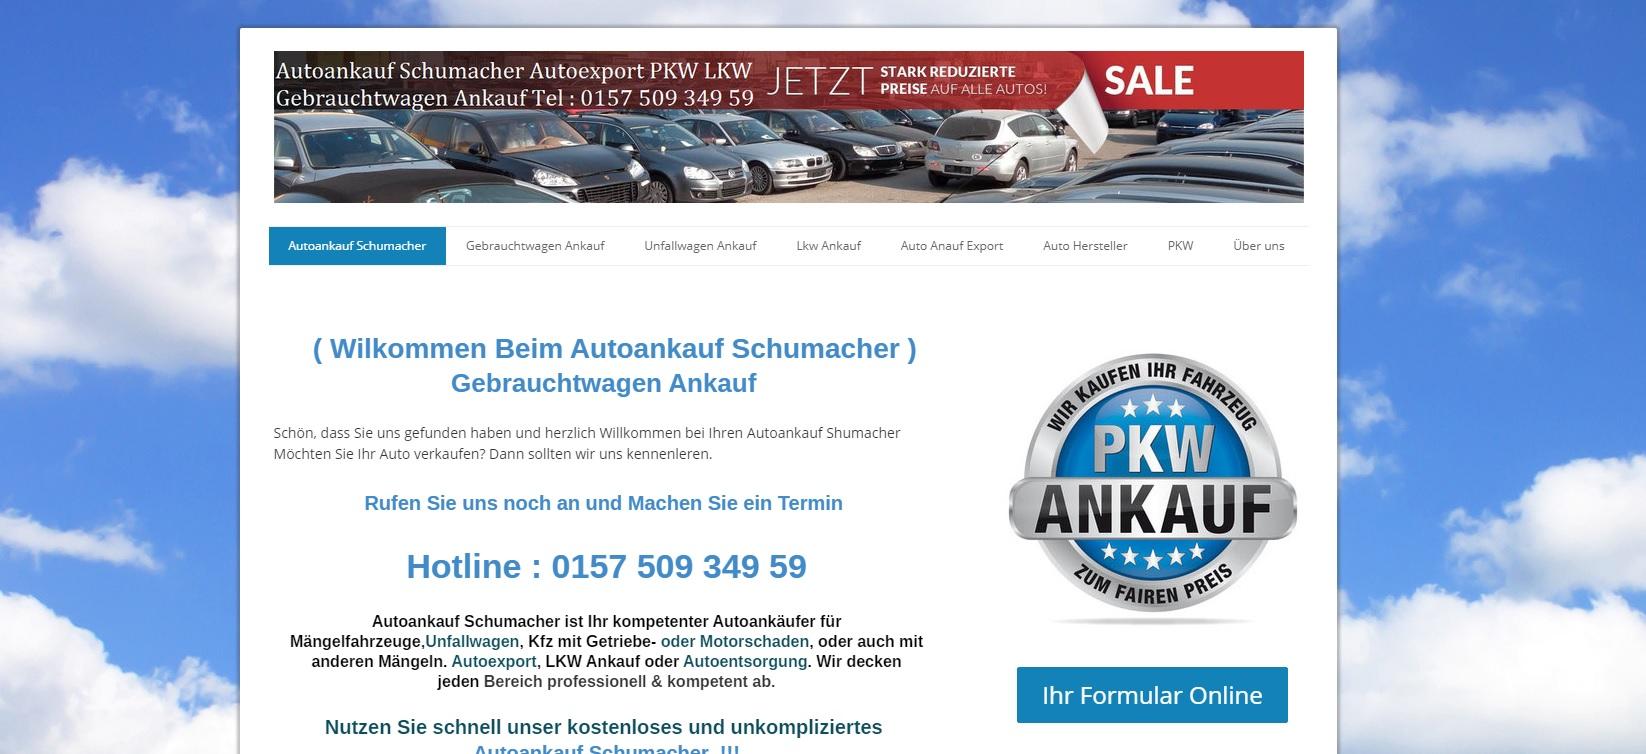 autoankauf-schumacher.de - Autoankauf Ludwigsburg